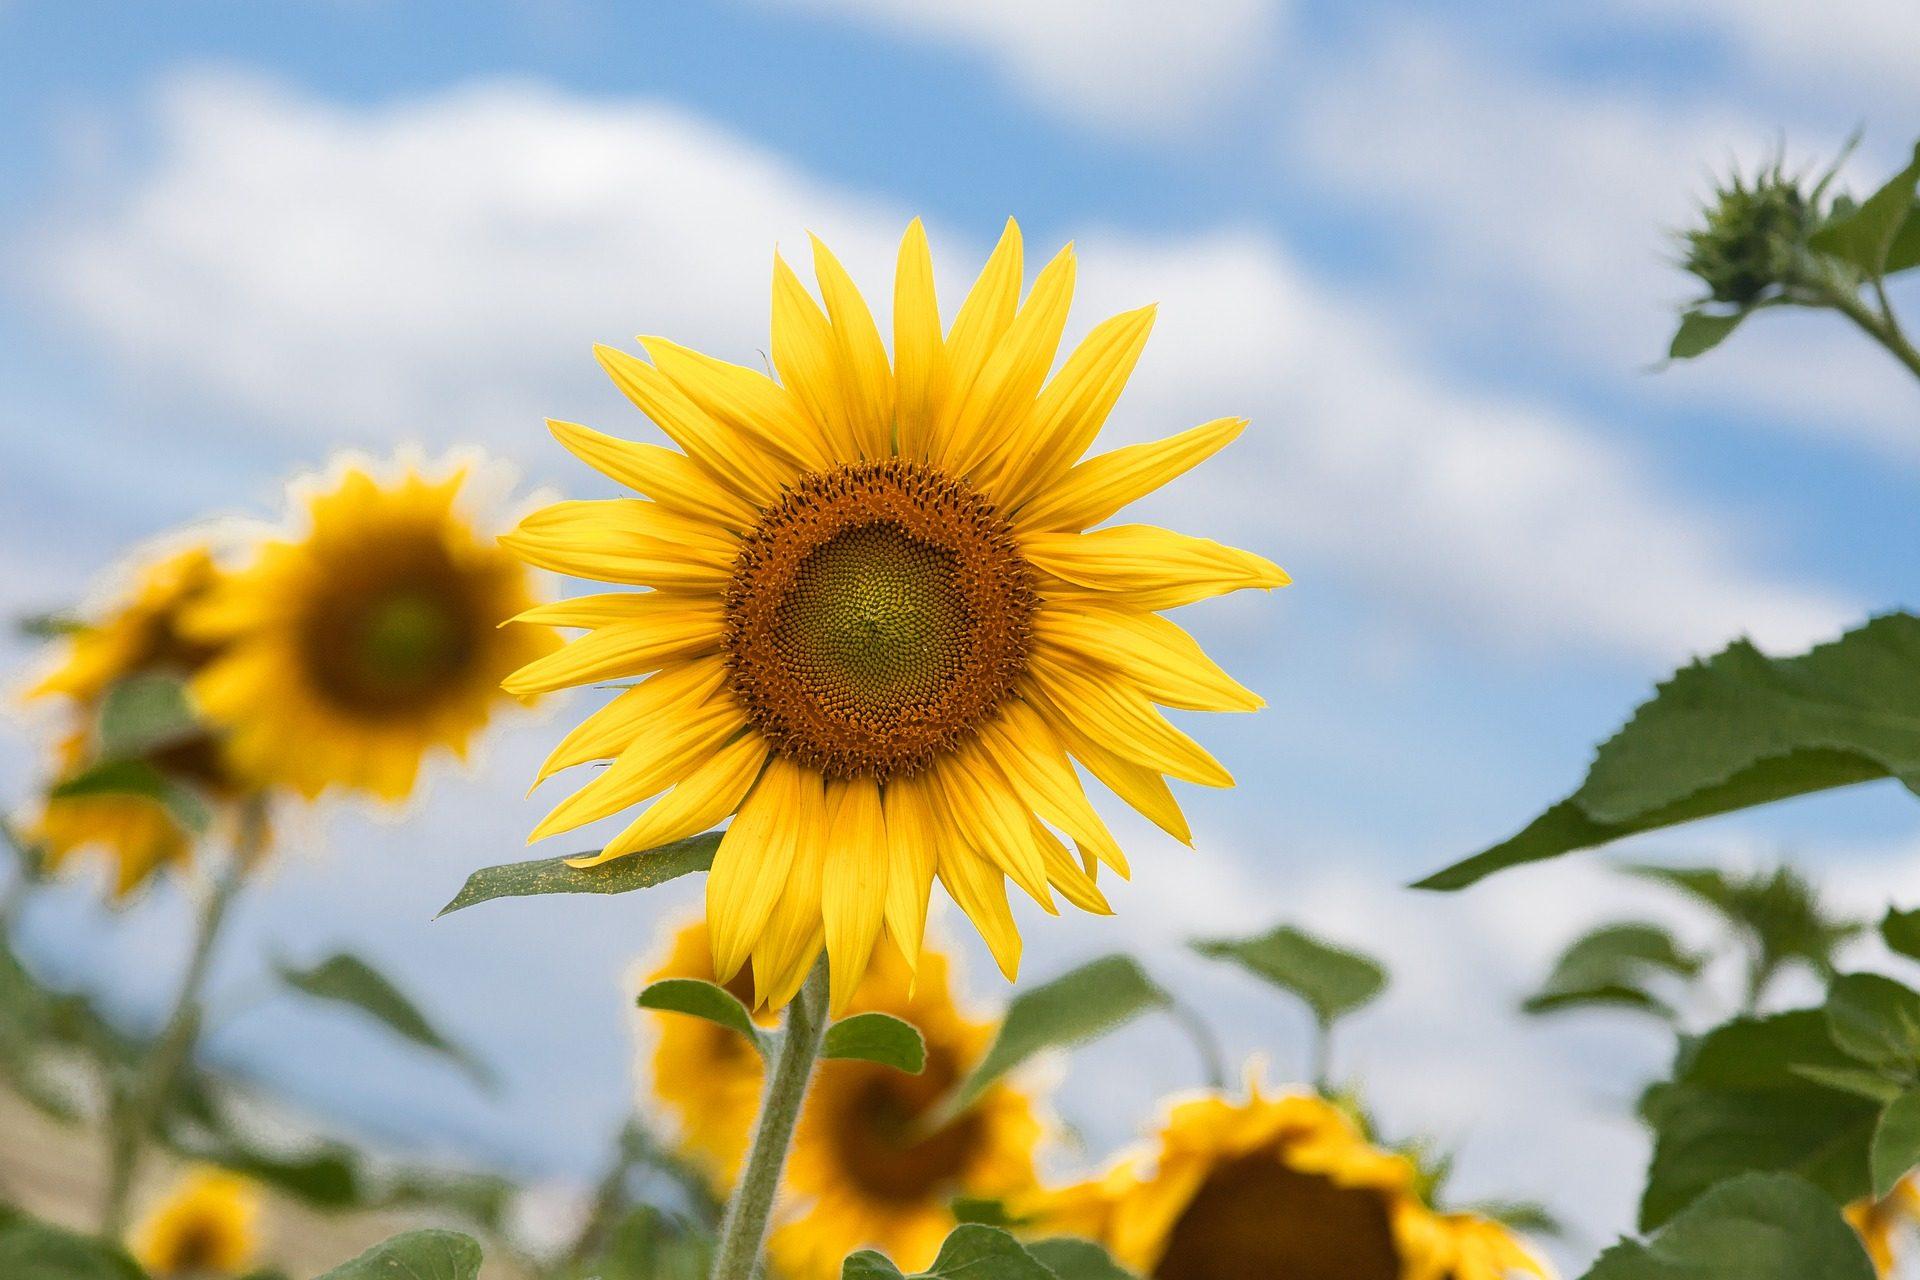 girasol, flor, cultivo, plantación, pétalos - Fondos de Pantalla HD - professor-falken.com